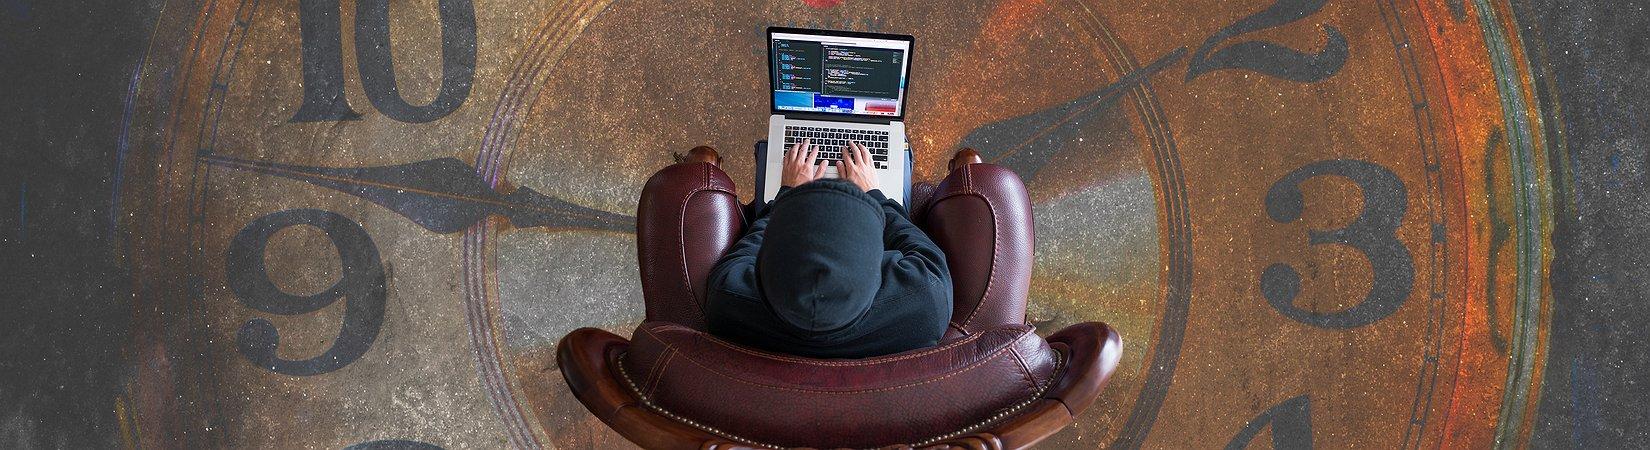 Как не ошибиться с выбором криптовалютной компании для инвестиций